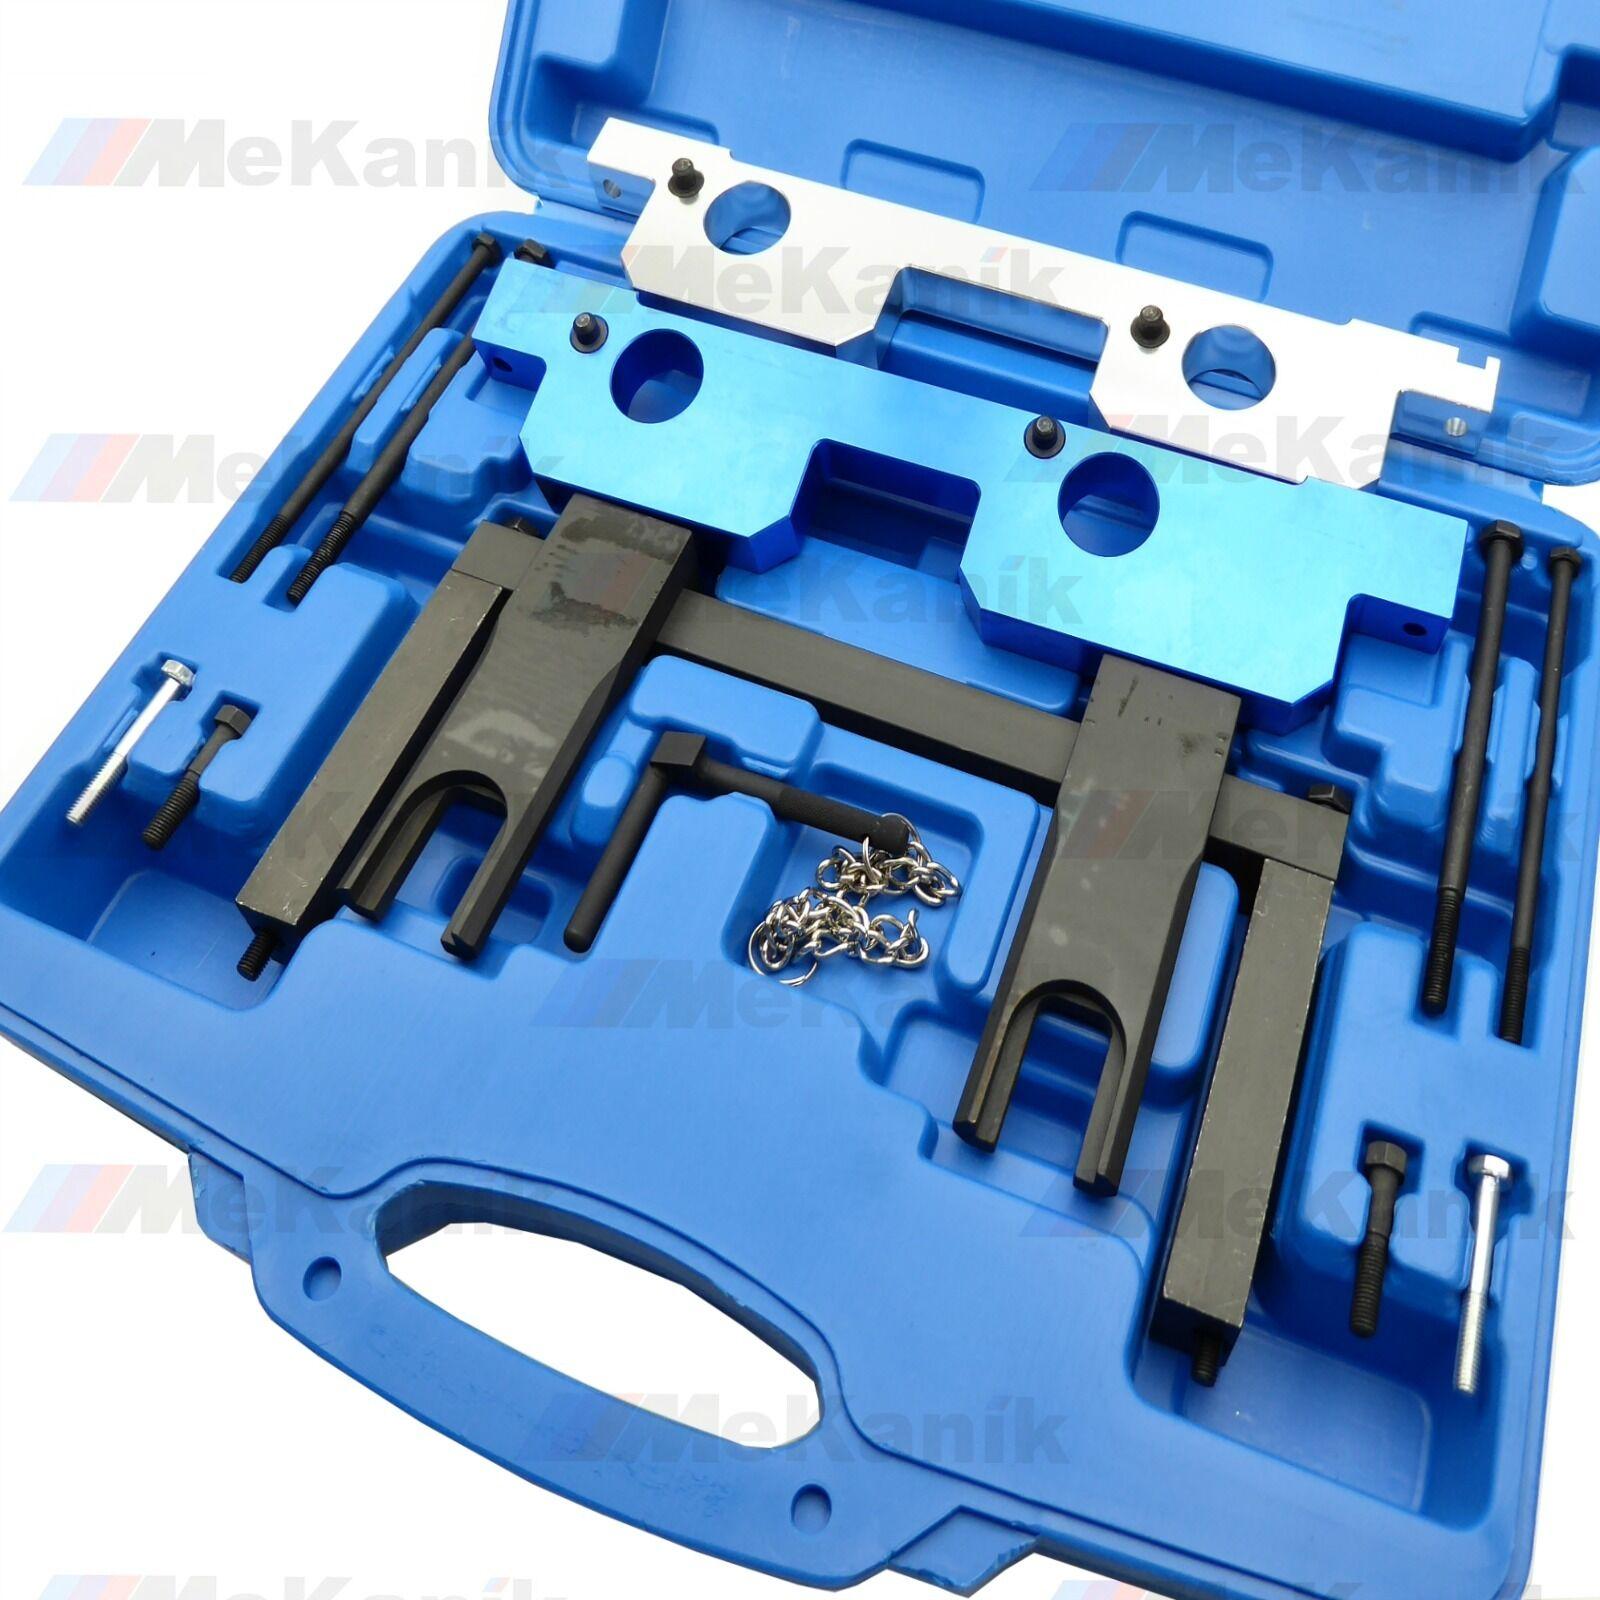 BMW N51 N52 N53 N54 Camshaft Timing Tool Set Valvetronic